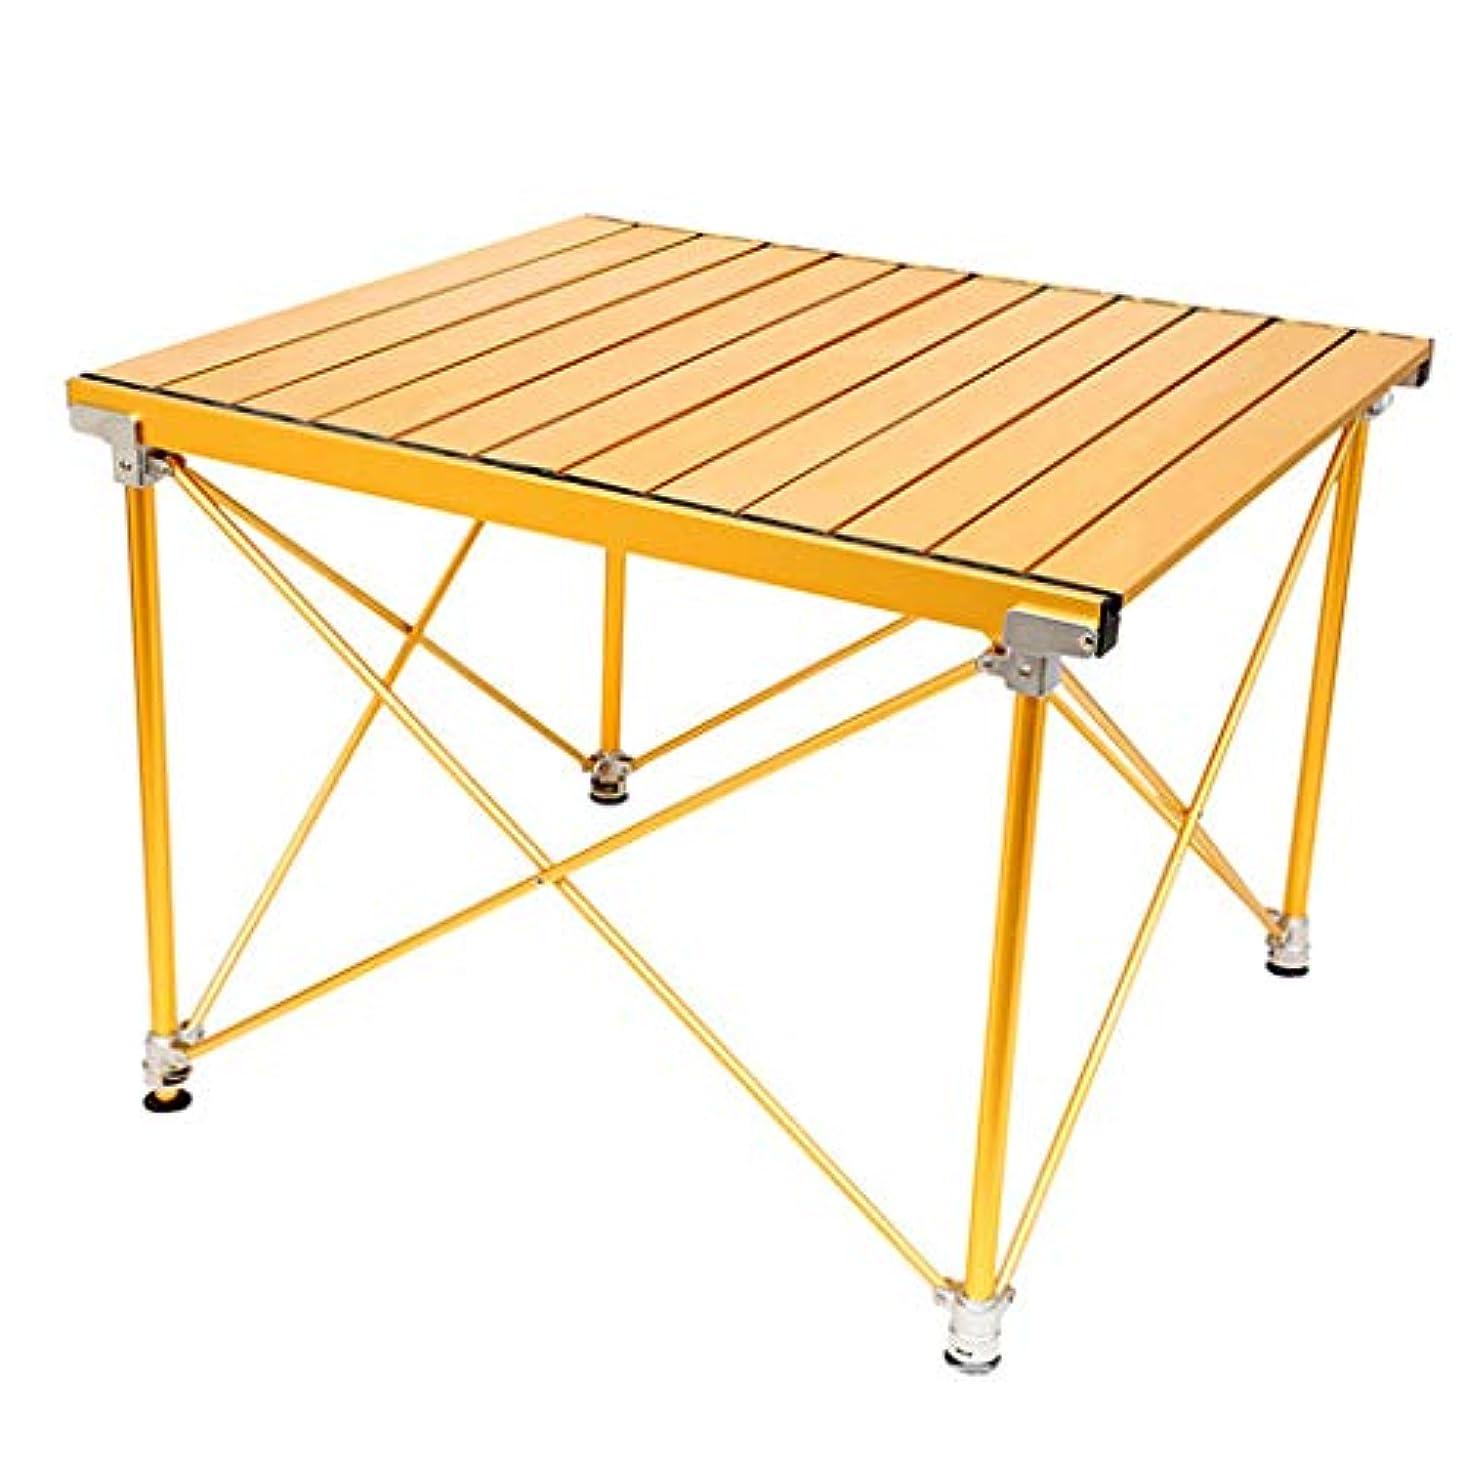 伝導リマ罪悪感アルミテーブルトップ付きポータブルキャンプテーブル ハードトップ折りたたみテーブル バッグ入り ピクニック キャンプ ビーチ ボートに バーナーで食事や料理に便利 お手入れ簡単